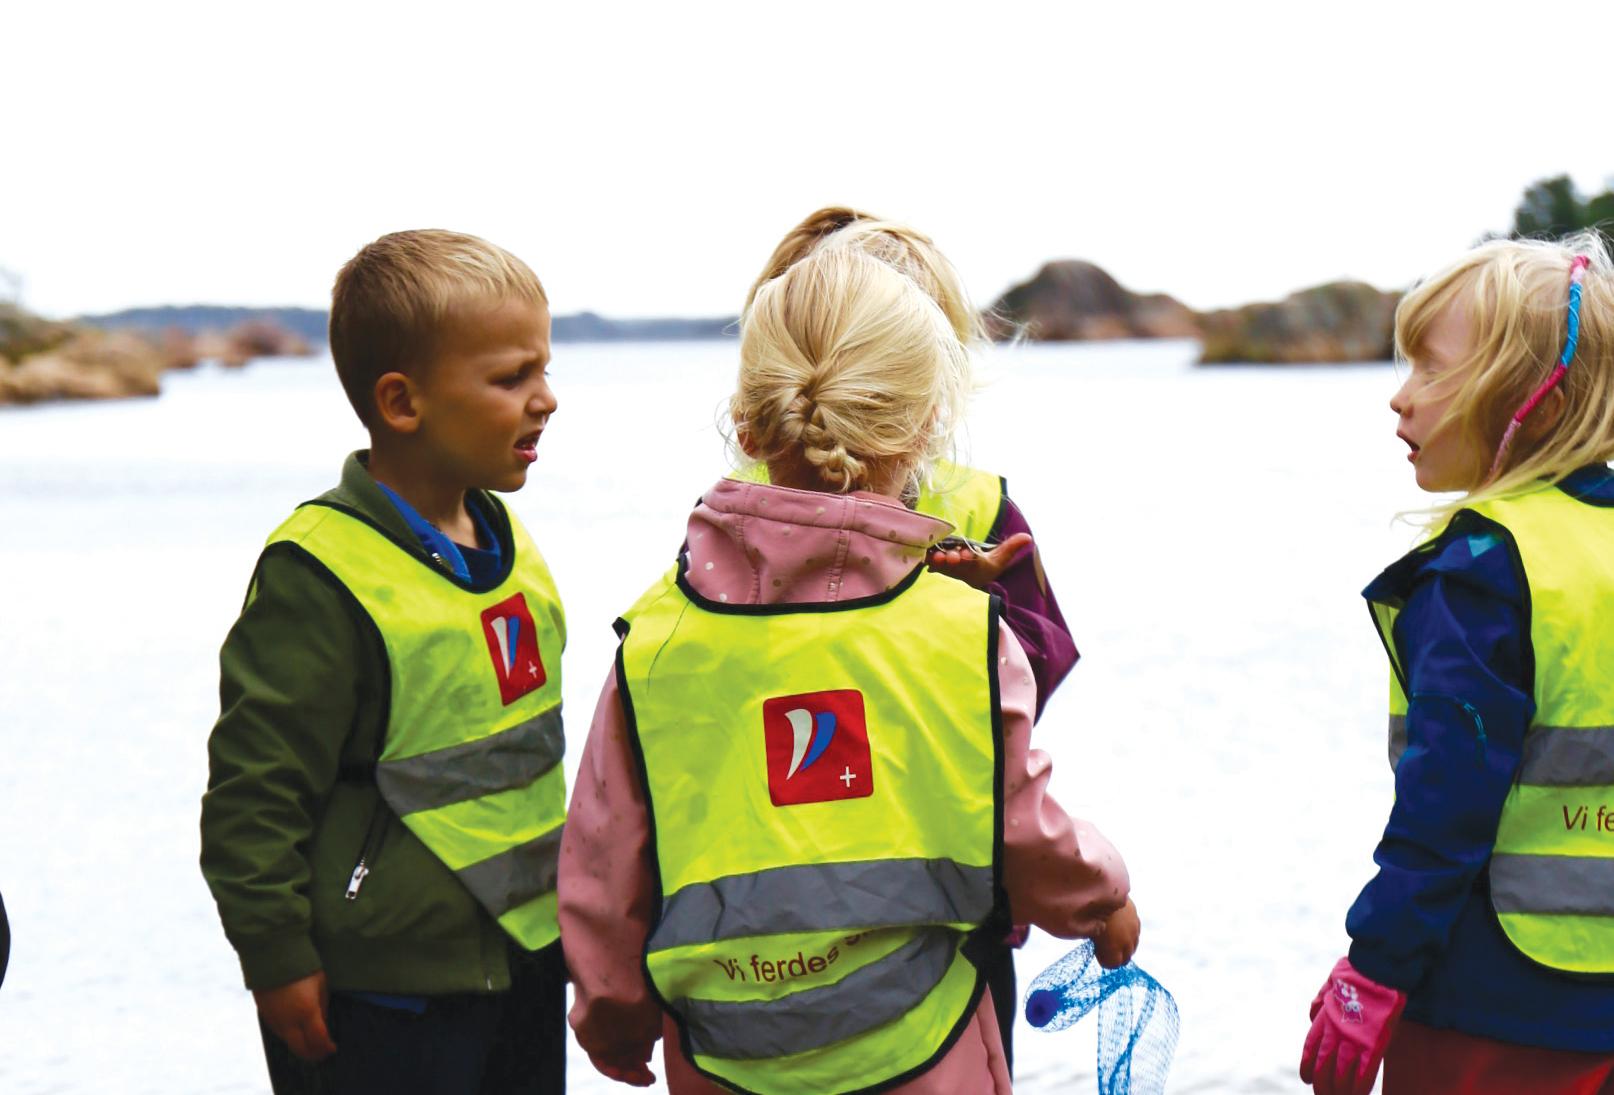 PLAST TIL BESVÆR: Barnehagebarna Plukket Søppel I Bendiksbukta. Deler Av Søppelet Blåste På Sjøen Etterpå.                    Foto: Charlotte Hidle.